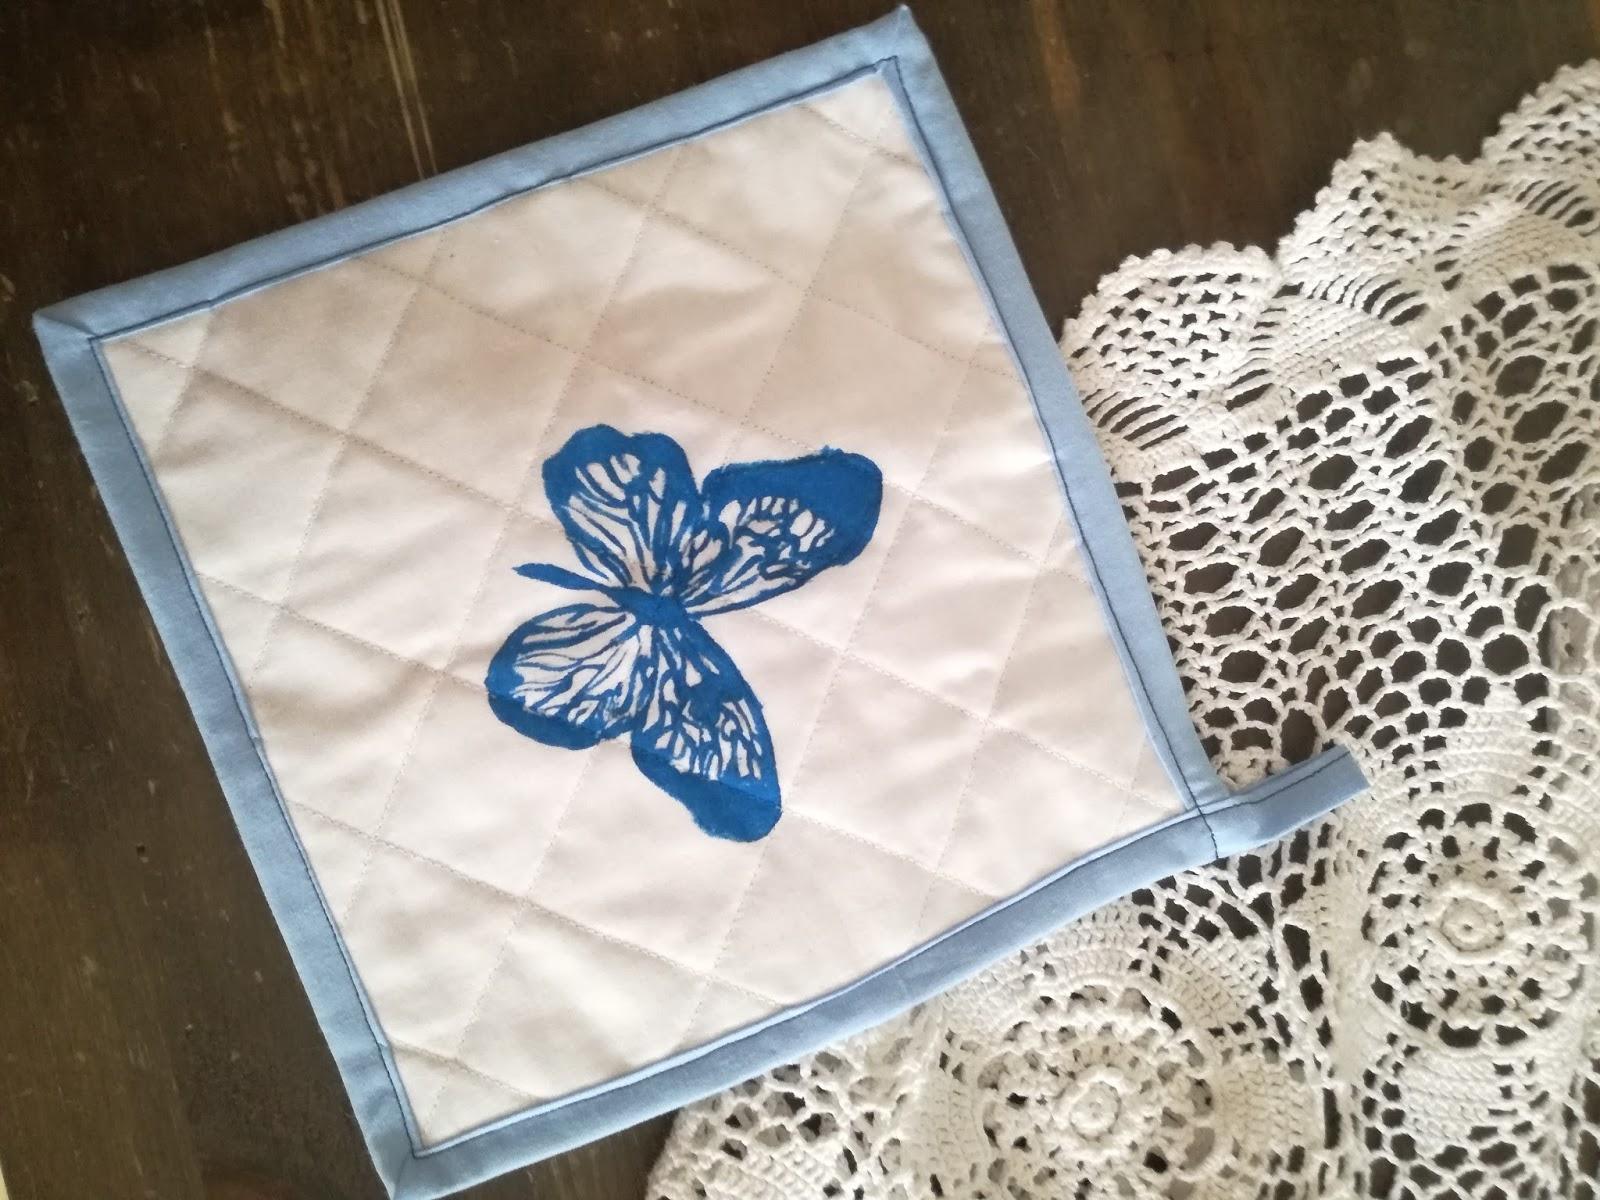 Truhlice Malovani Na Textil Navod